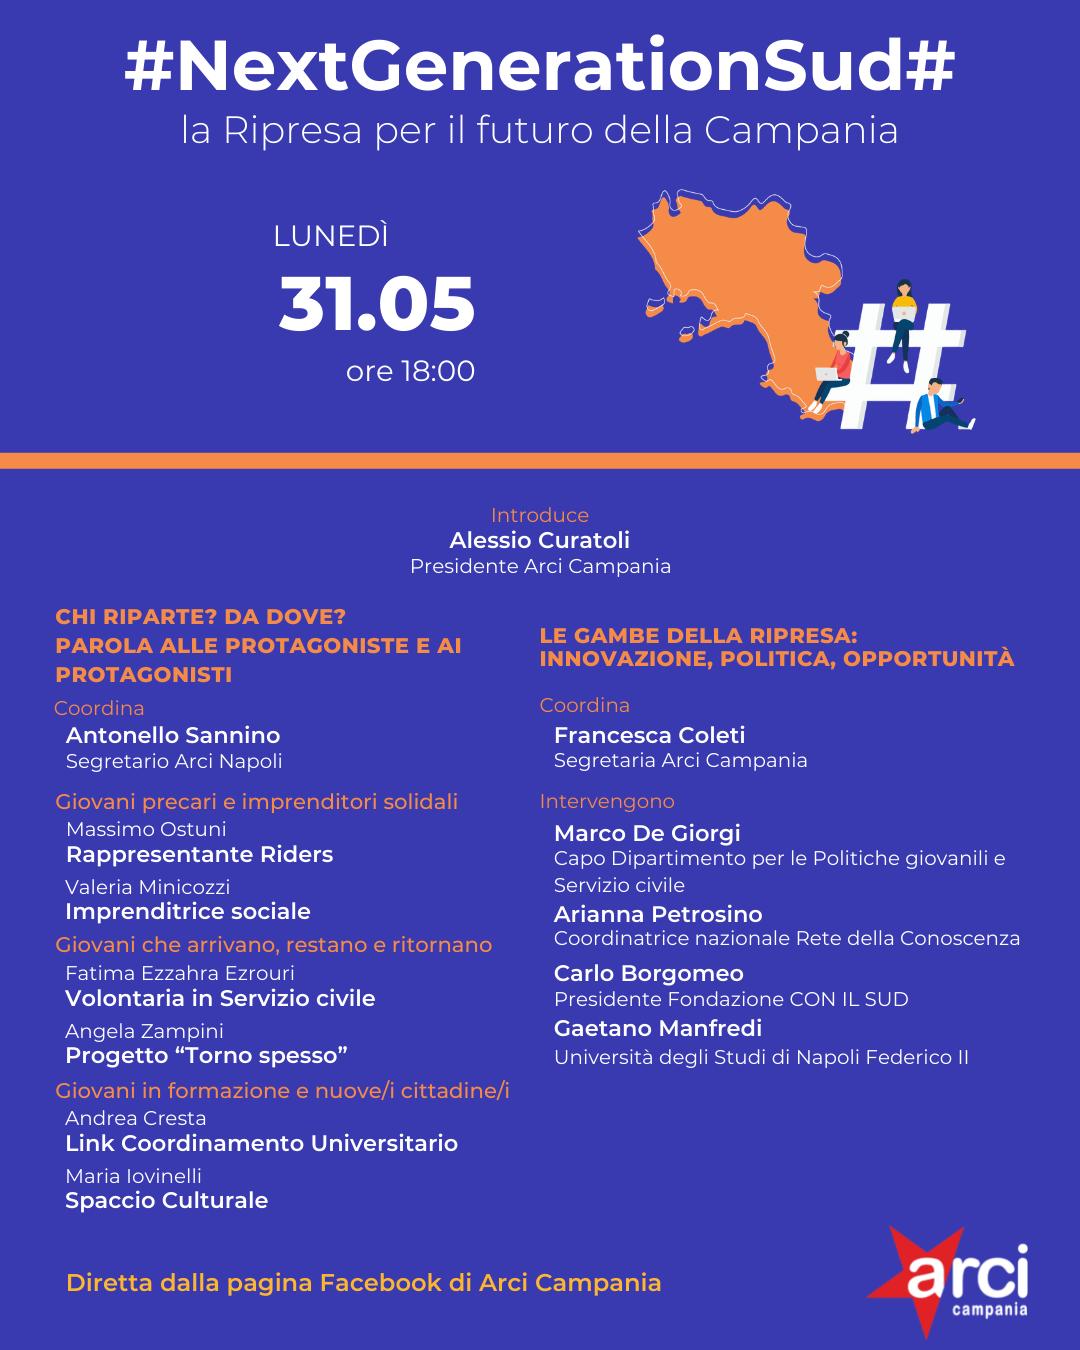 #NextGenerationSud# - La Ripresa per il futuro della Campania